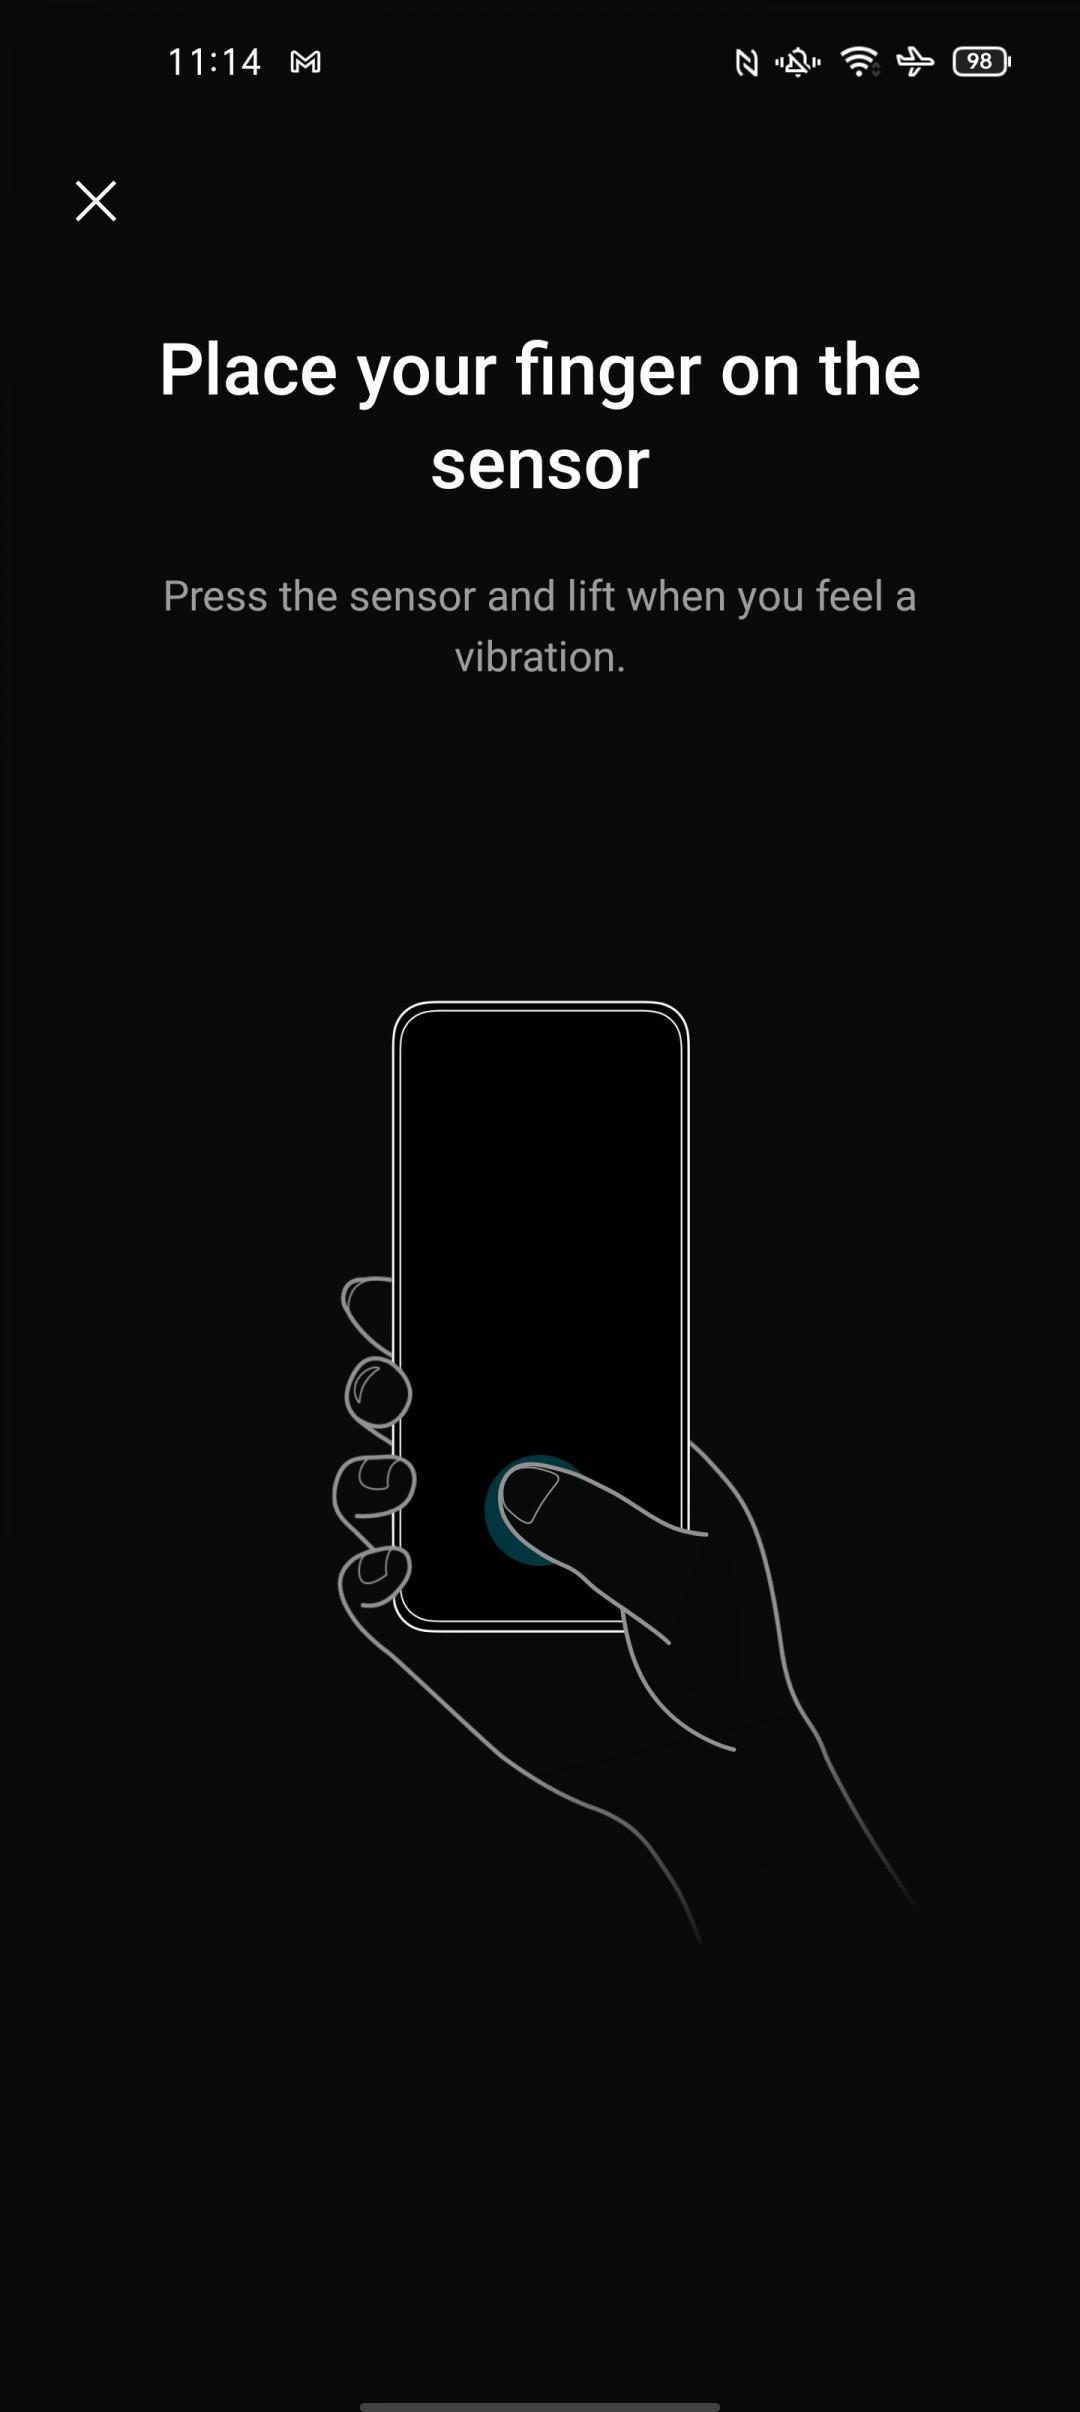 بررسی کامل و تخصصی گوشی فایند ایکس 3 پرو اوپو: جواهر تراش خورده